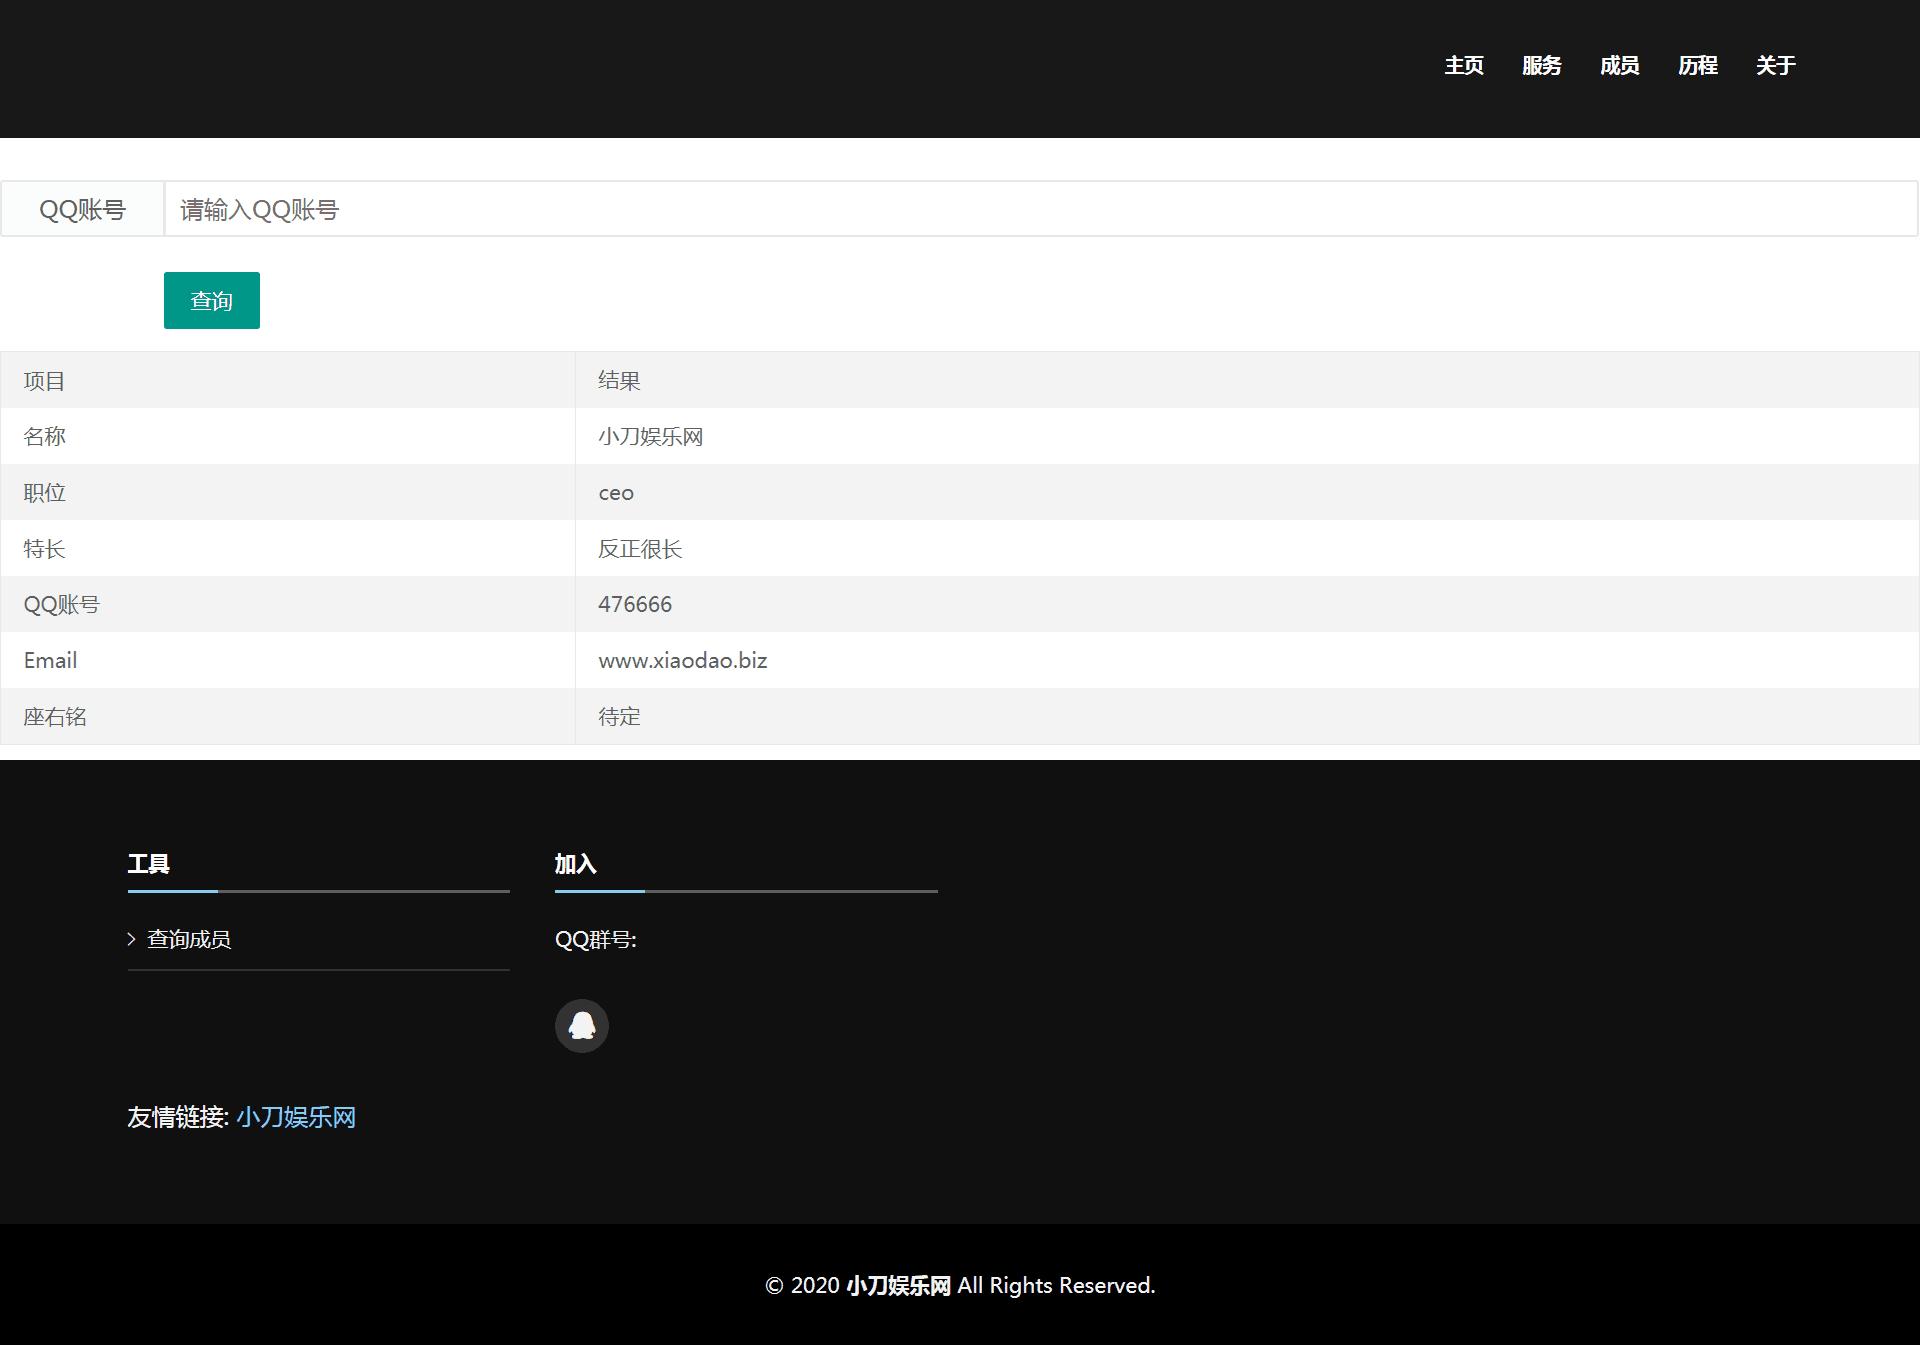 一页纸团队网站首页介绍源码-小酒资源